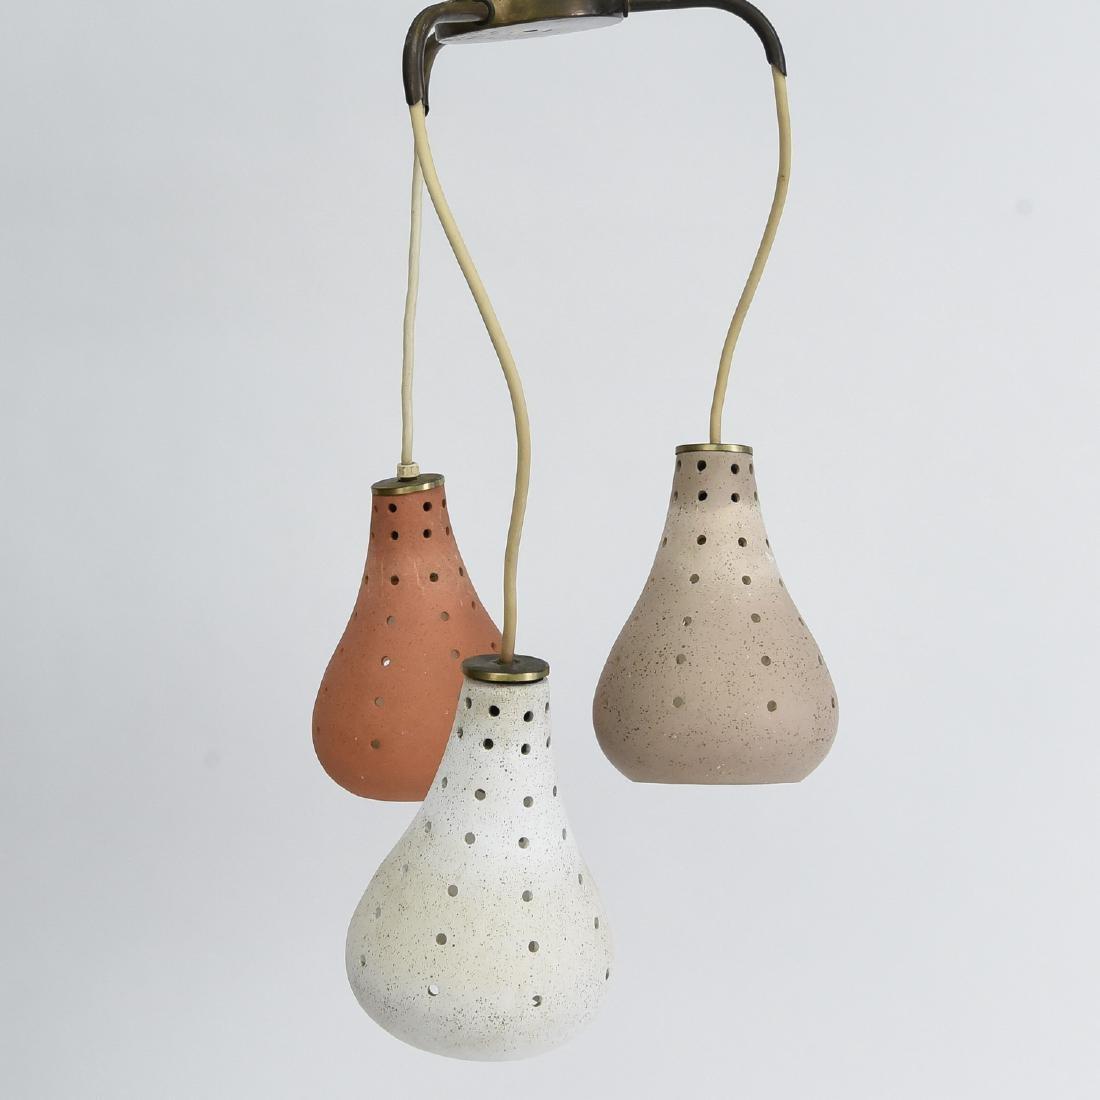 CERAMIC THREE LIGHT HANGING PENDANT LAMP